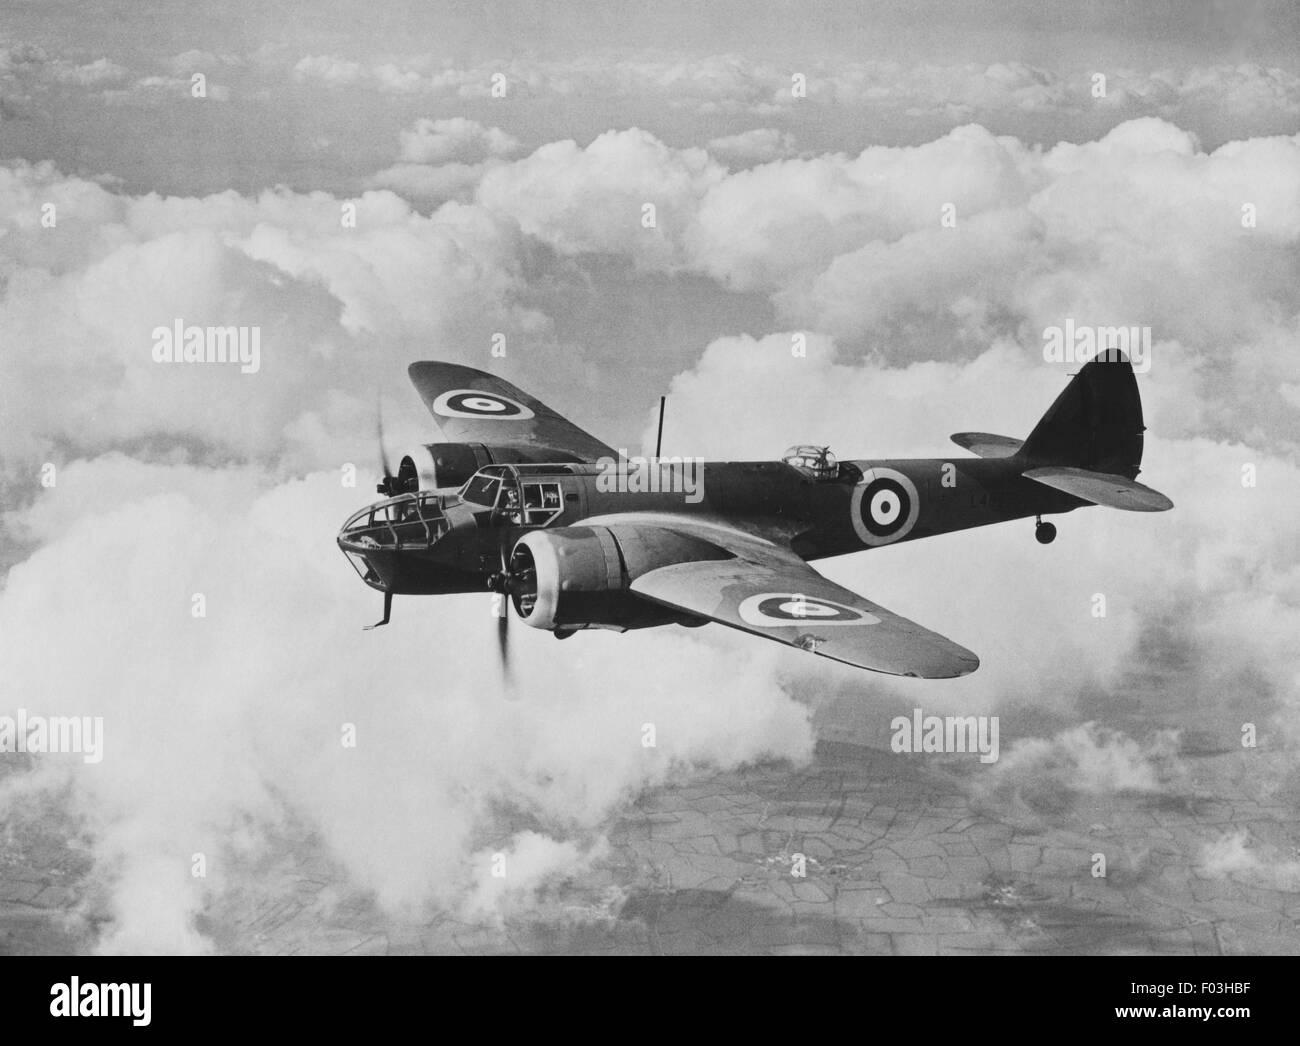 Bristol Blenheim' Bomber. 'Bristol' Type 142M. Deux 'Bristol' 840 h.p. Les moteurs Mercury. Le premier tout-métal monoplan bimoteur moderne pour la R.A.F. pour transporter l'ensemble de la charge militaire au sein de la structure. Grumes de service avec toutes les commandes de la R.A.F. et dans tous les théâtres de guerre. Fait le premier bombardement aérien de la guerre sur Keil, en septembre 1939. Banque D'Images